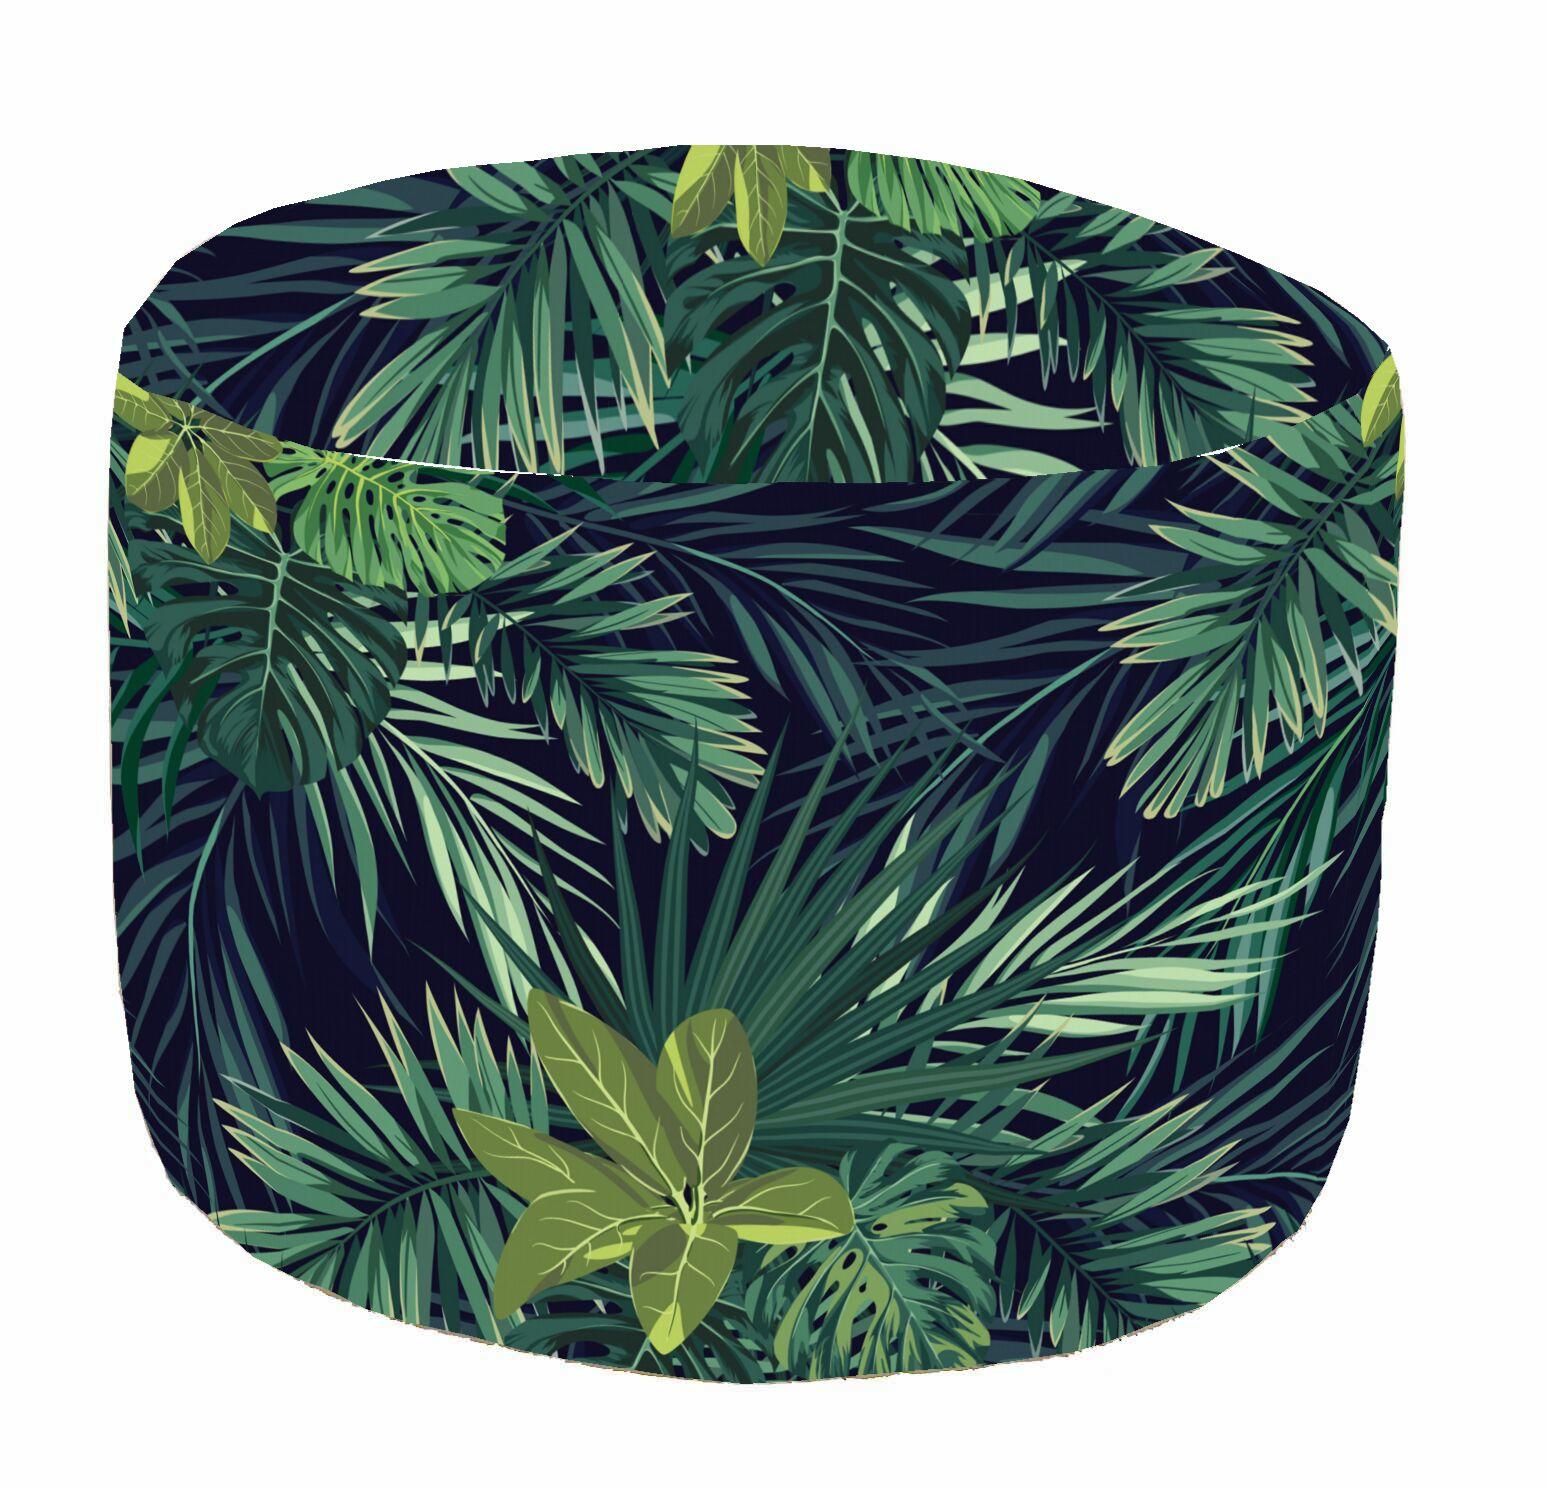 Pouf de sol vert Canopée, D 45 x H 45 cm